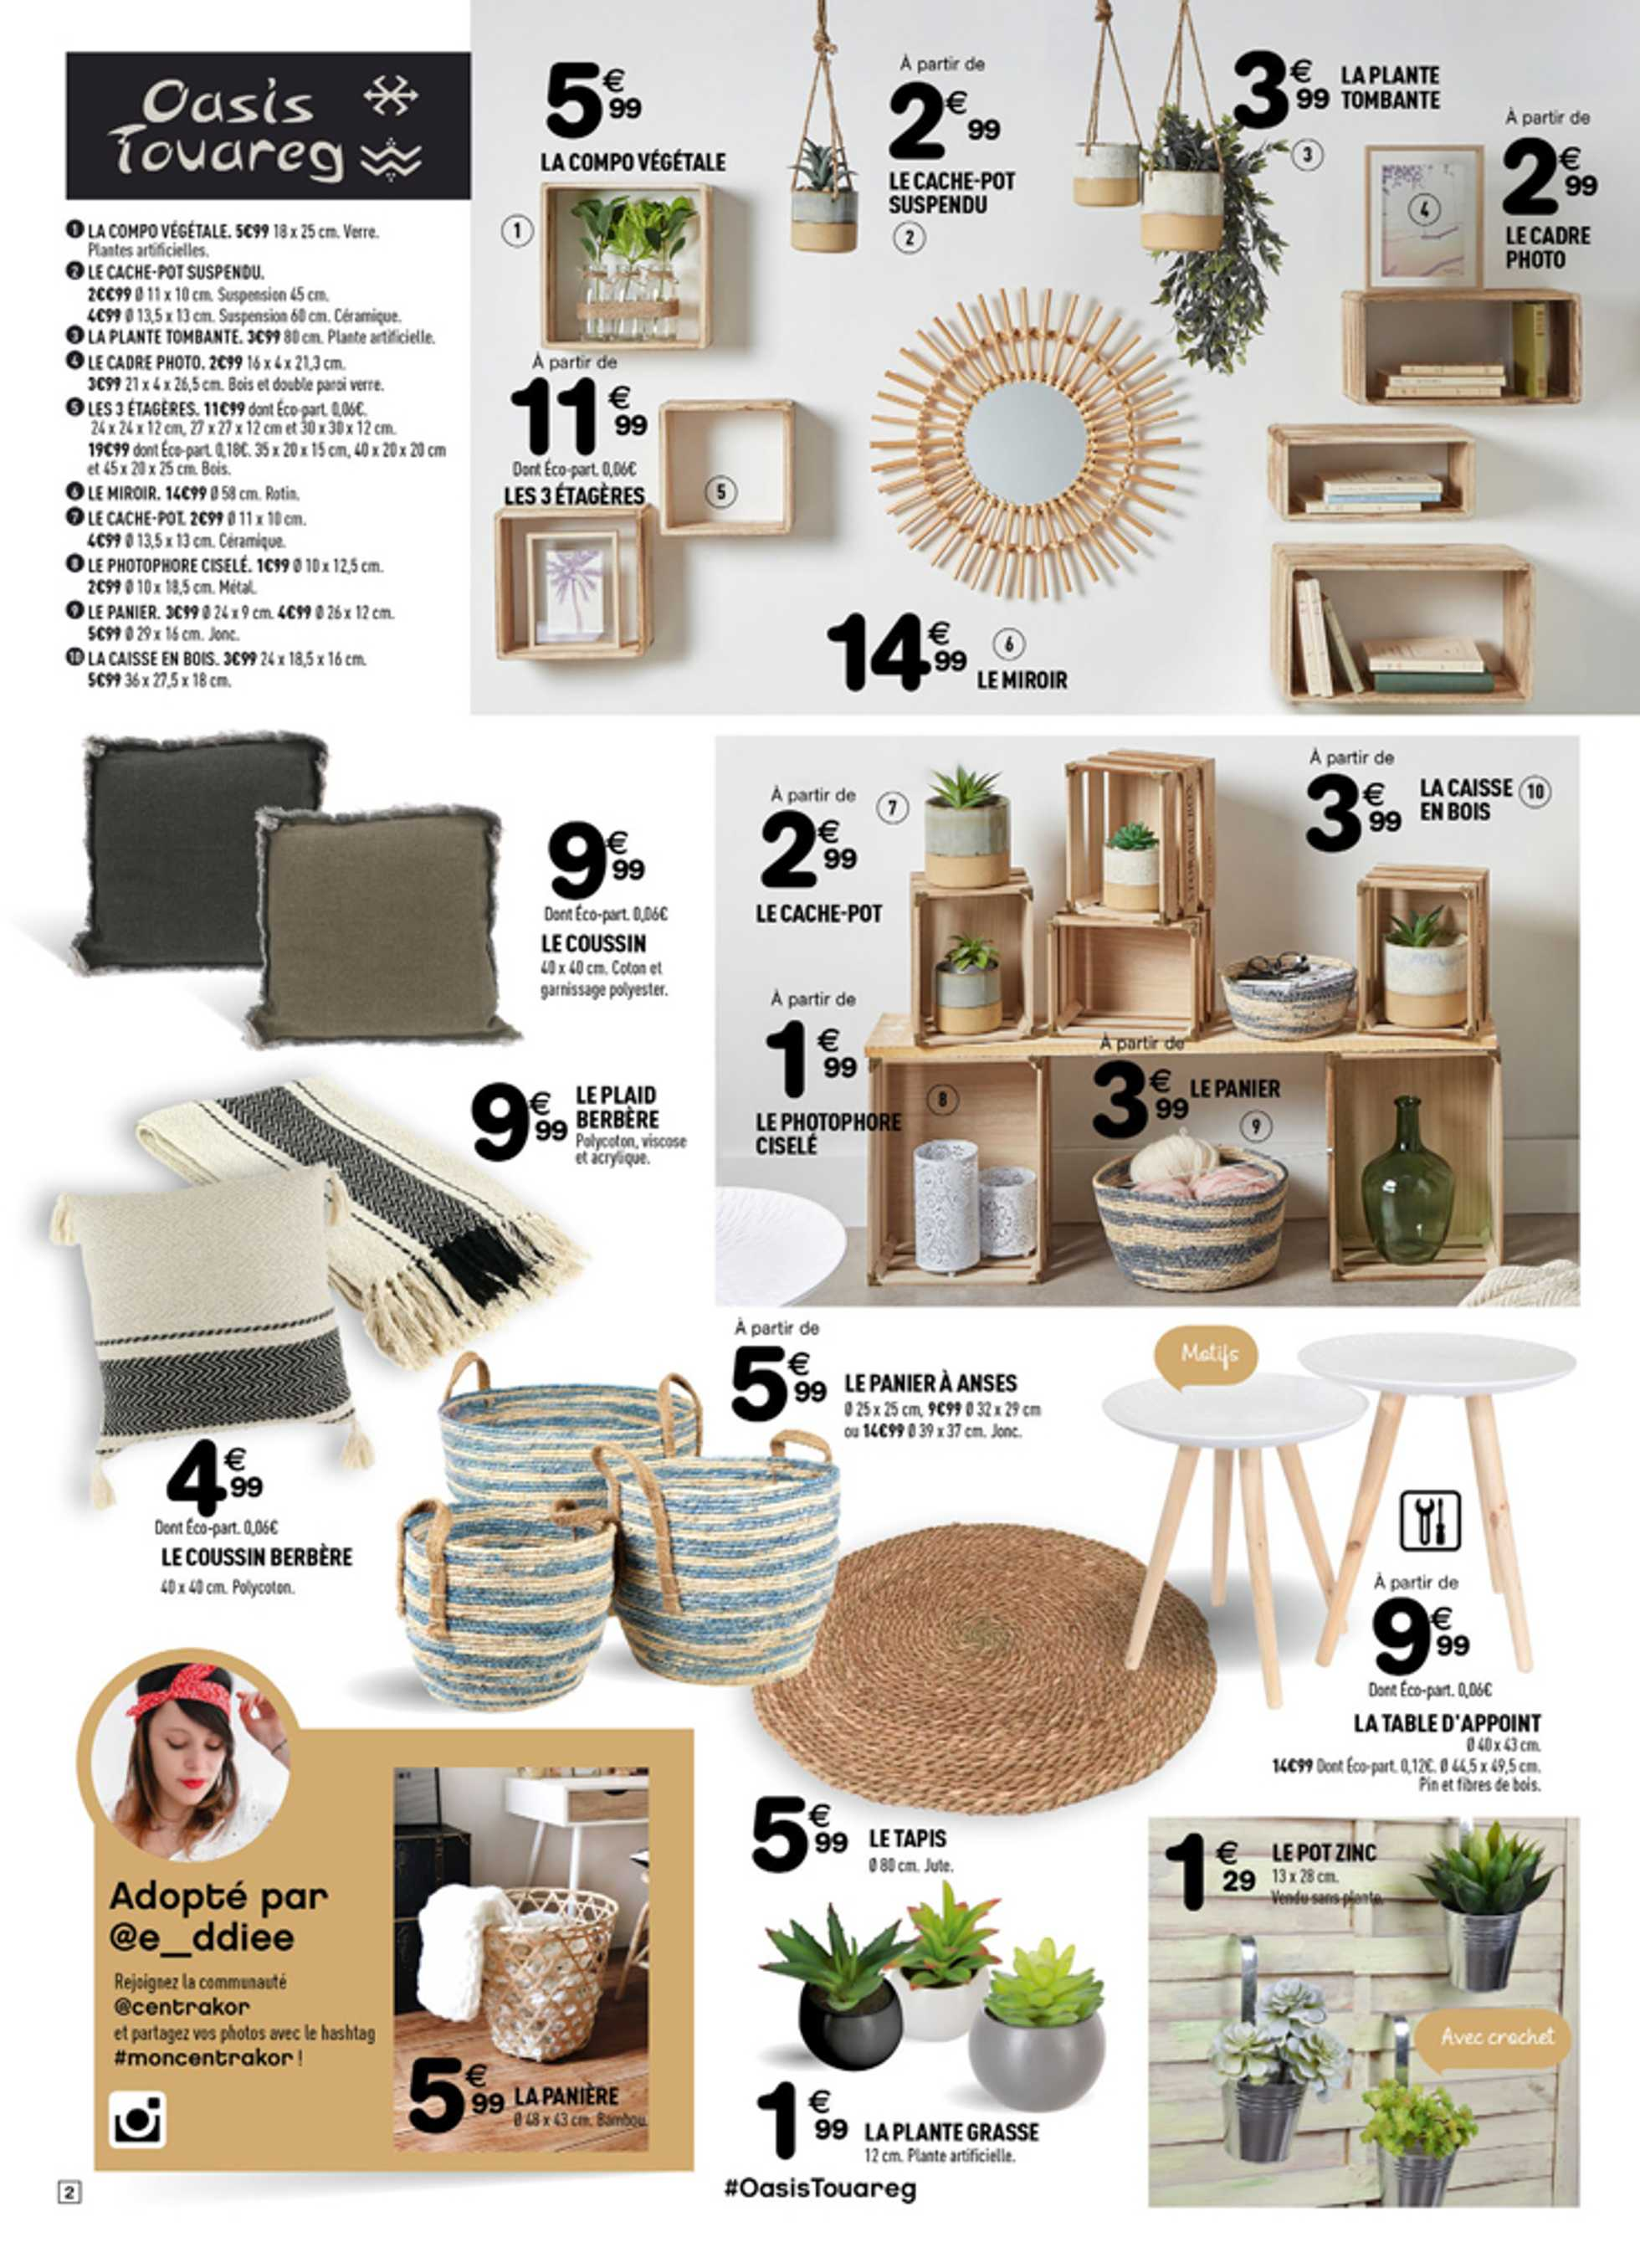 Catalogue Centrakor | Les dernières offres | fr.promotons.com